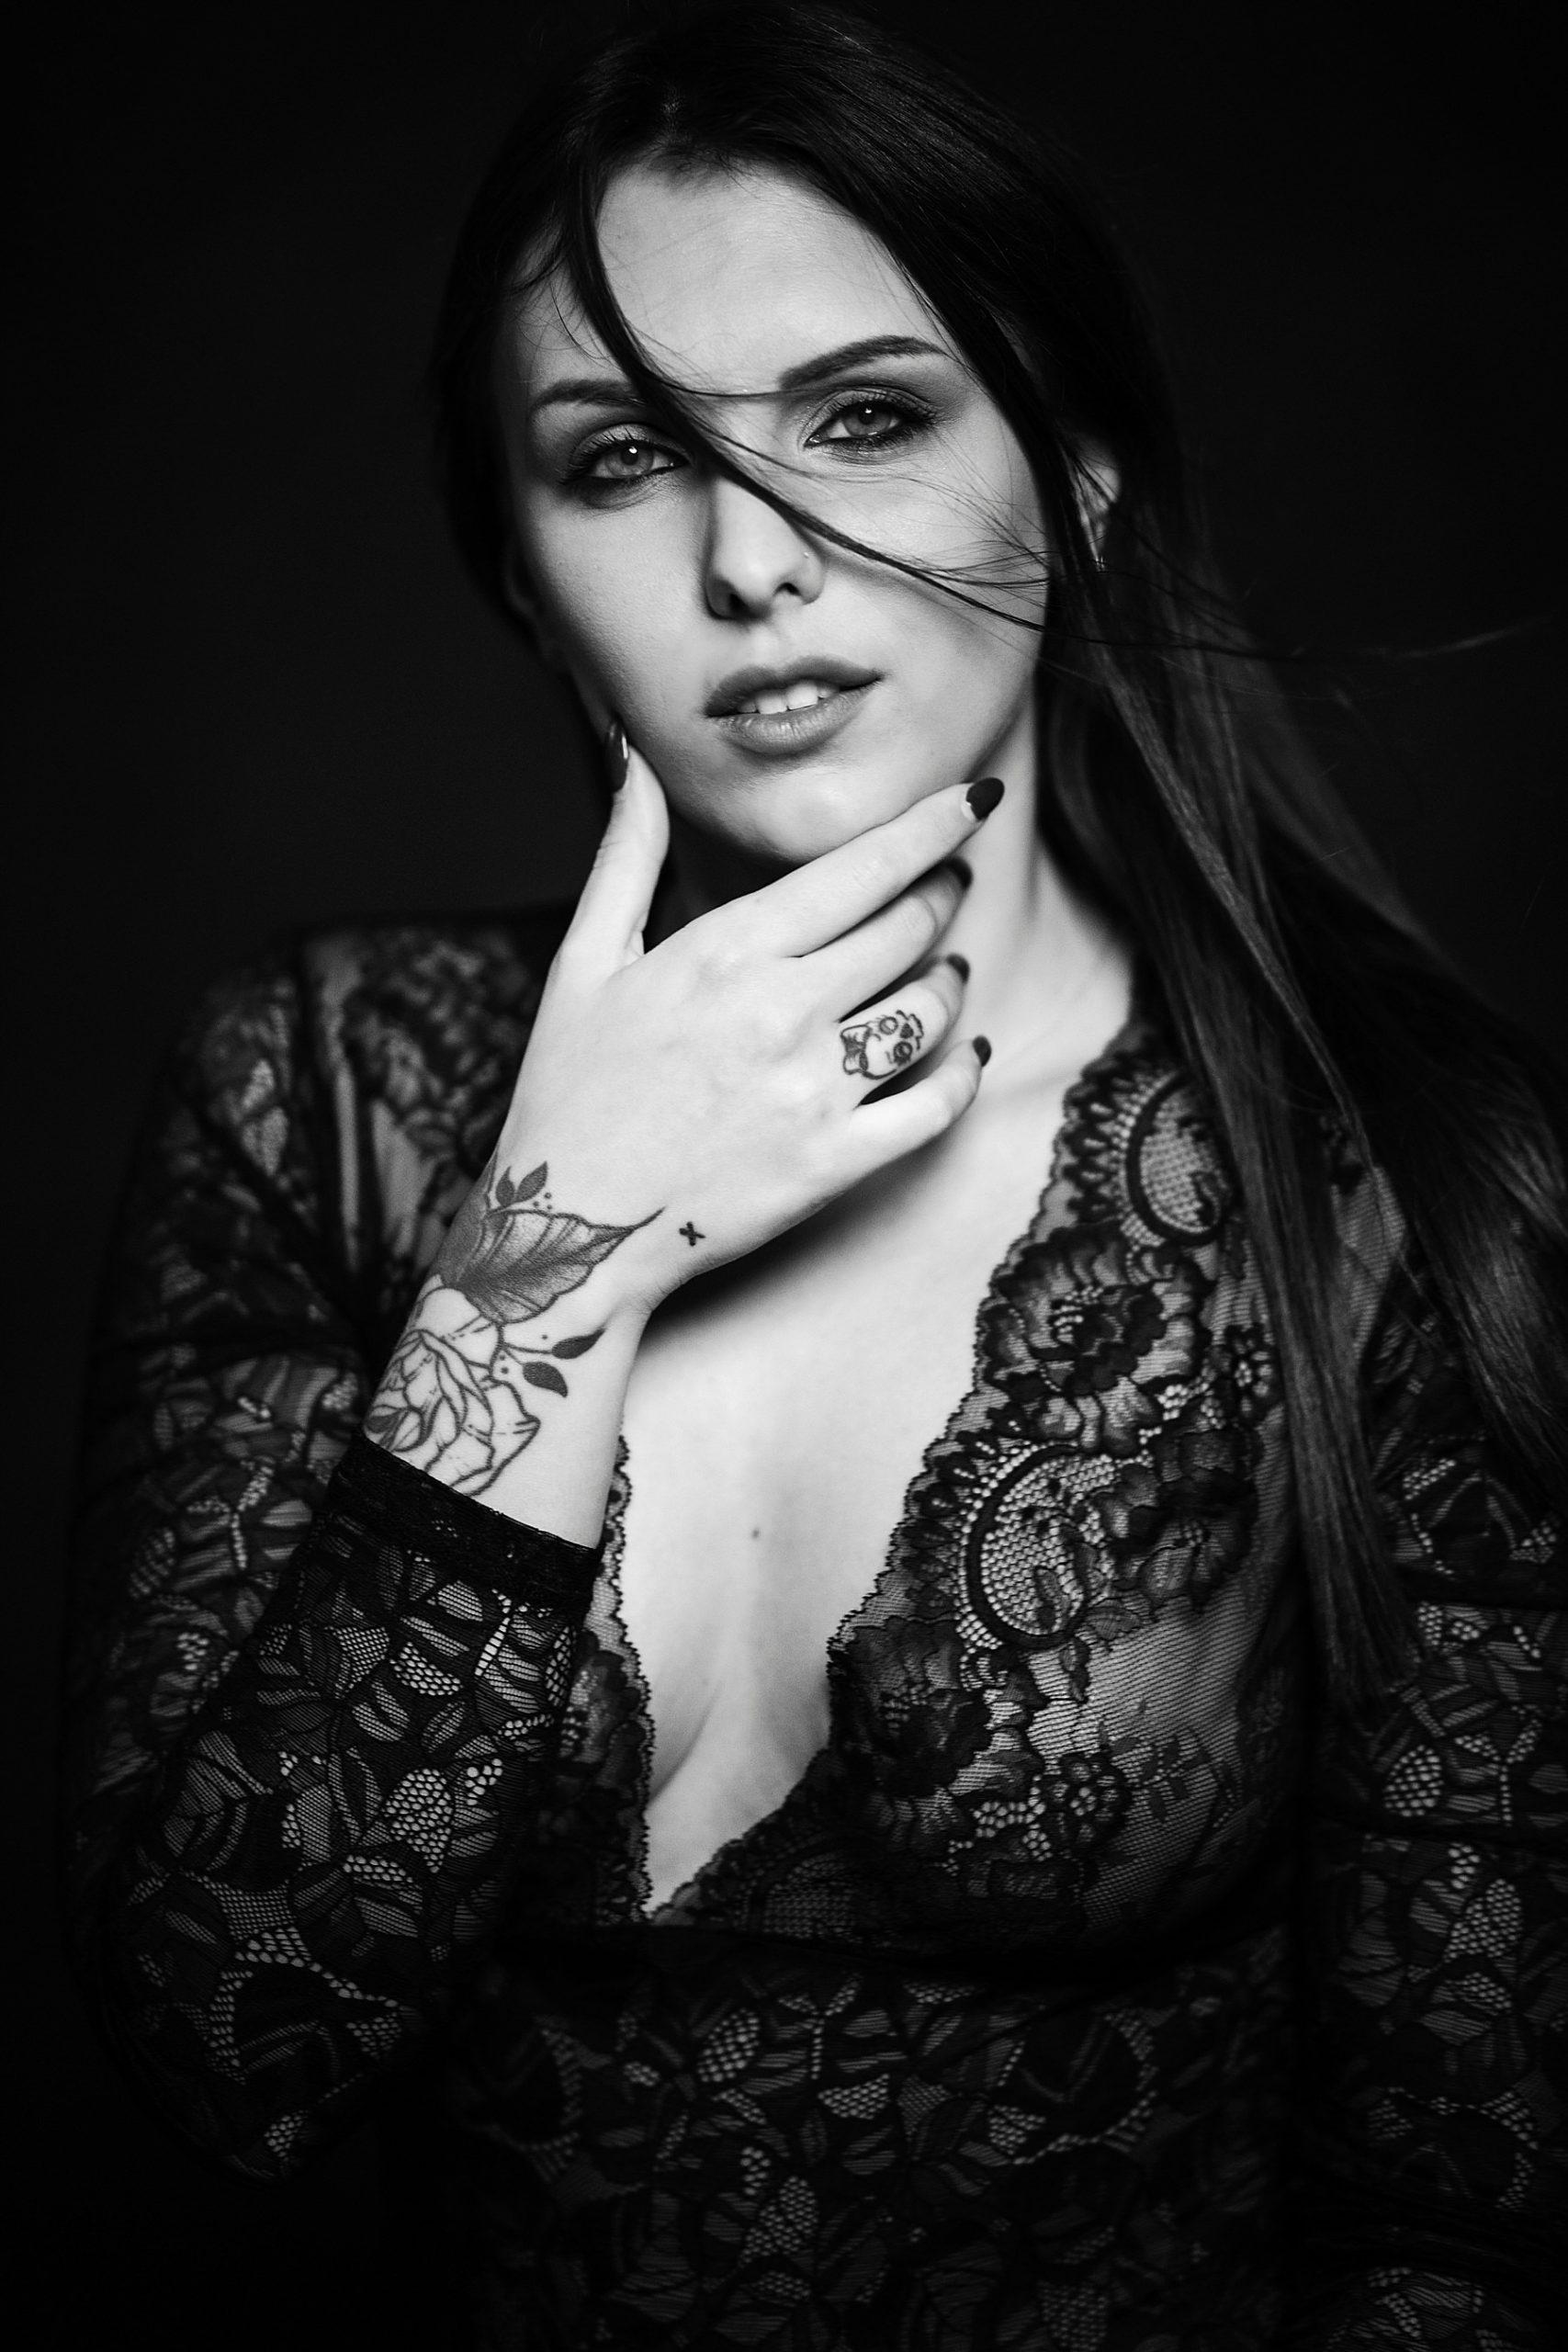 bellissimo ritratto in bianco e nero di ragazza con pizzo e scollo profondo